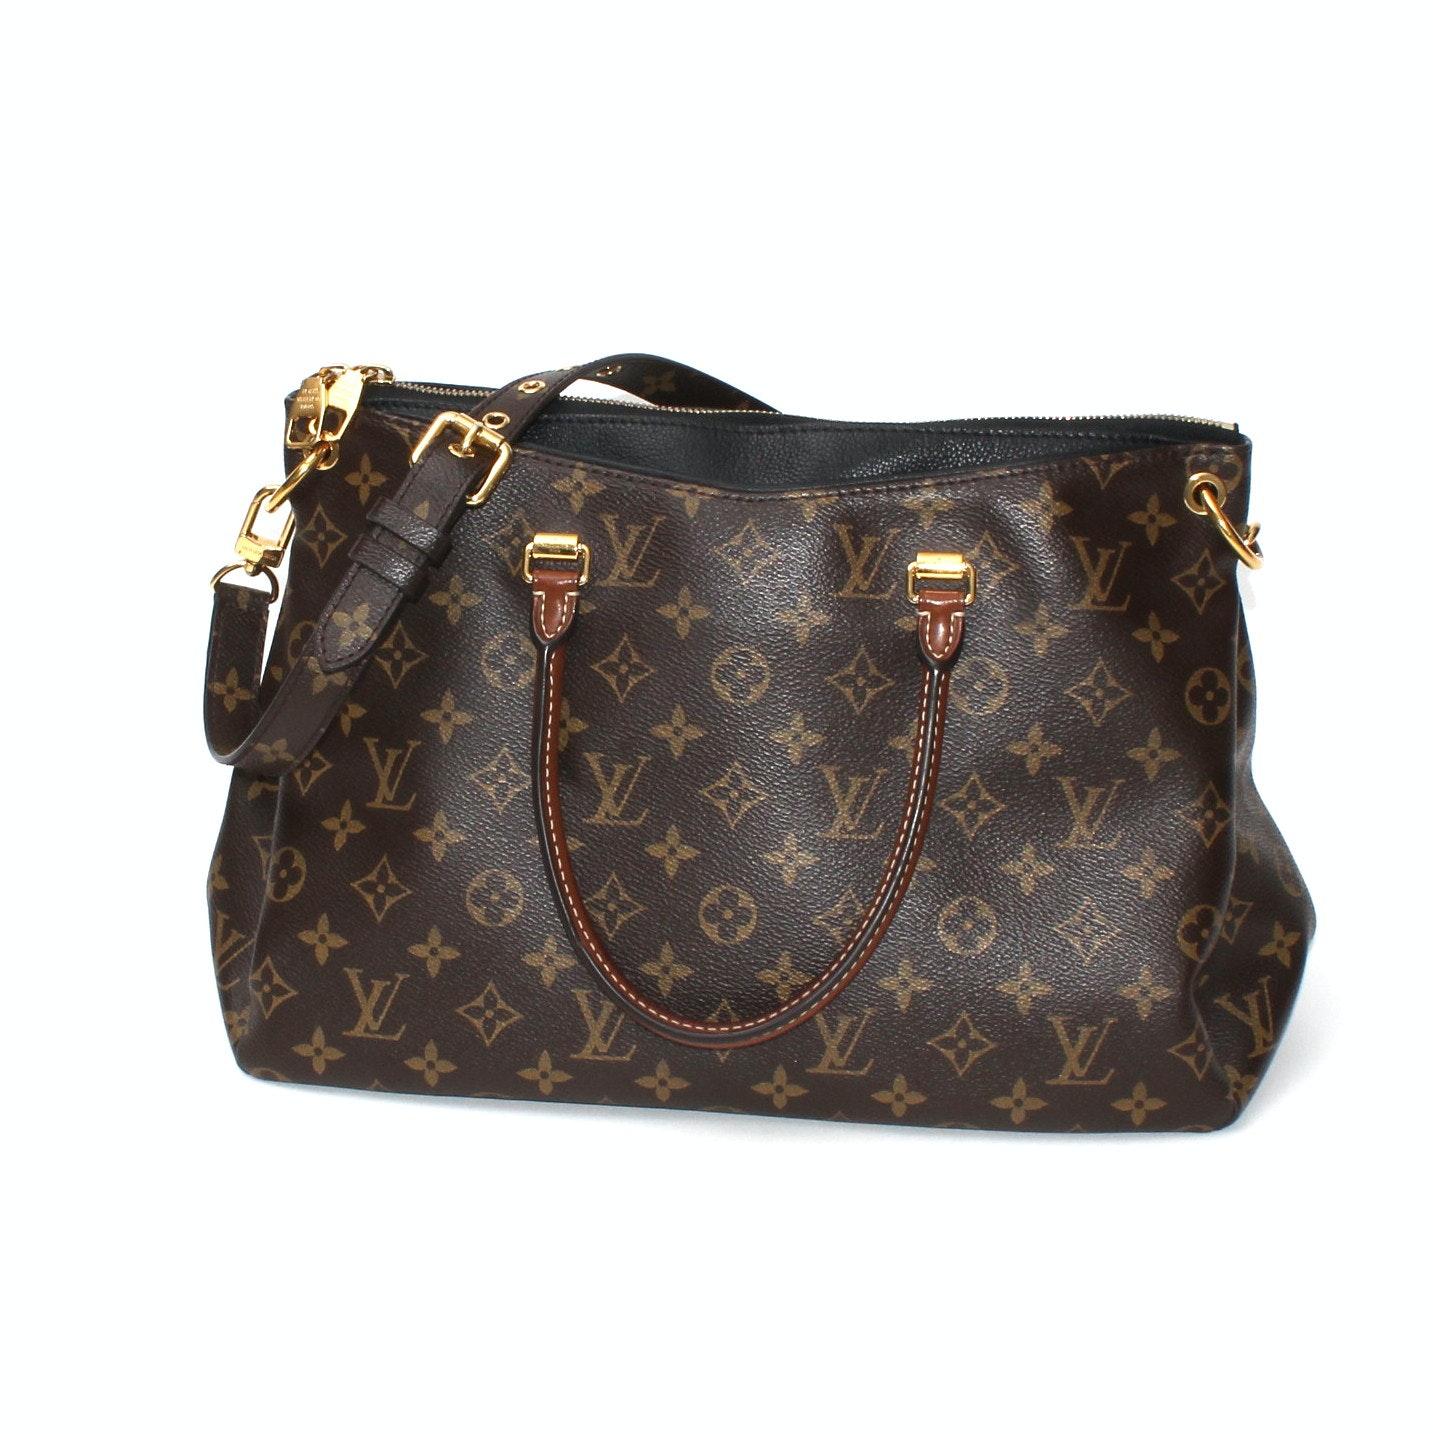 Louis Vuitton Pallas Havane Handbag